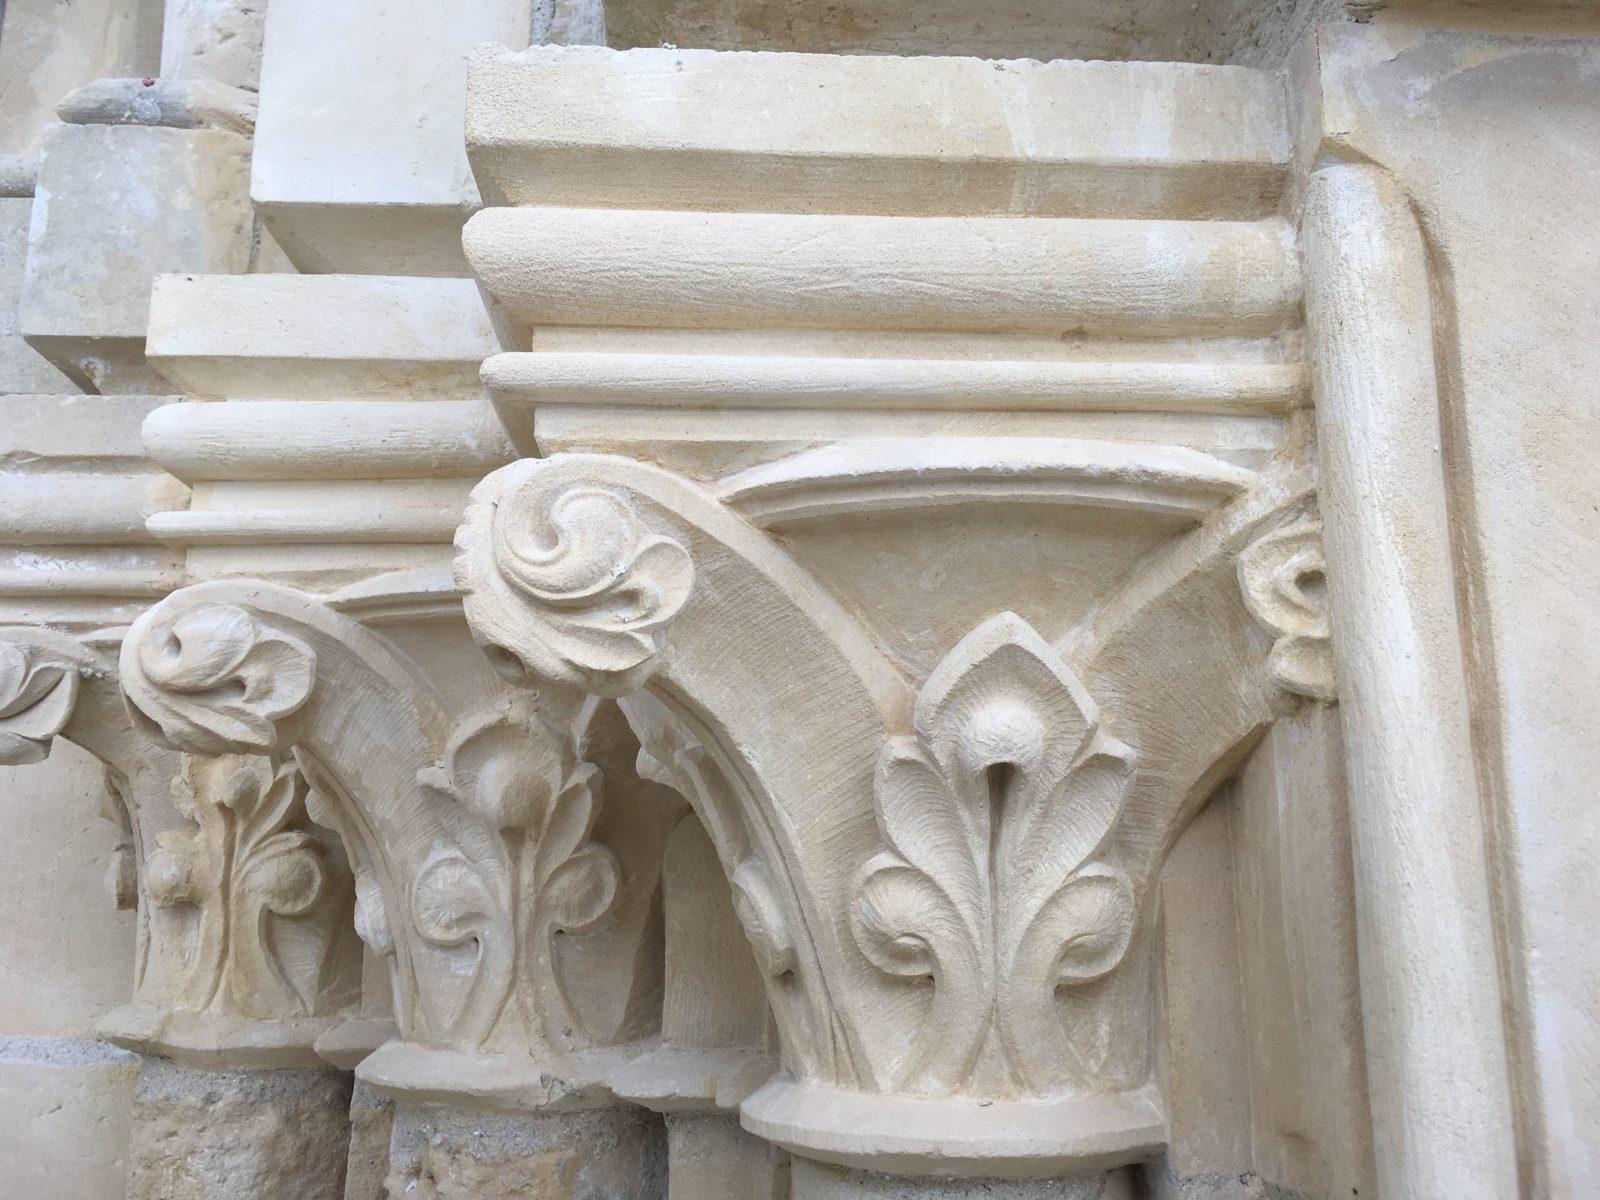 Restauration des pierres de taille - Église Saint Vigor - Bodin